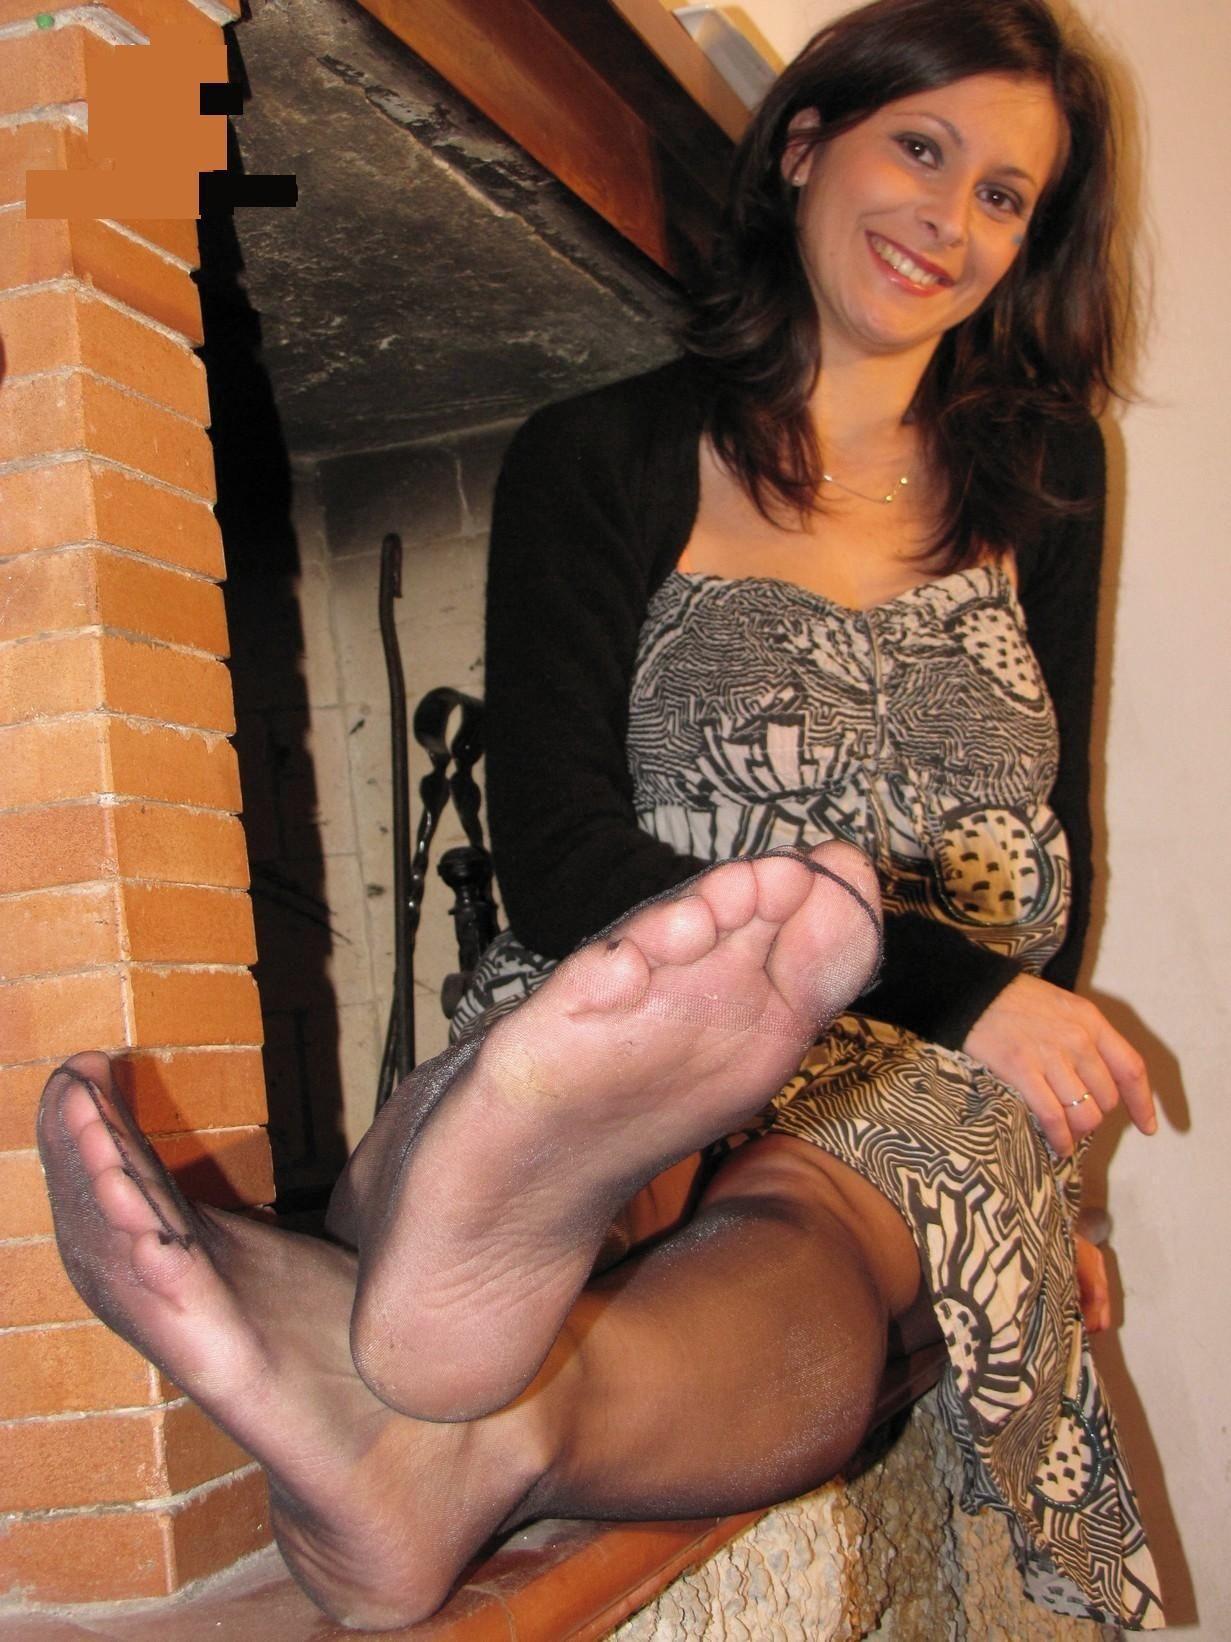 Cute hottie spreads legs